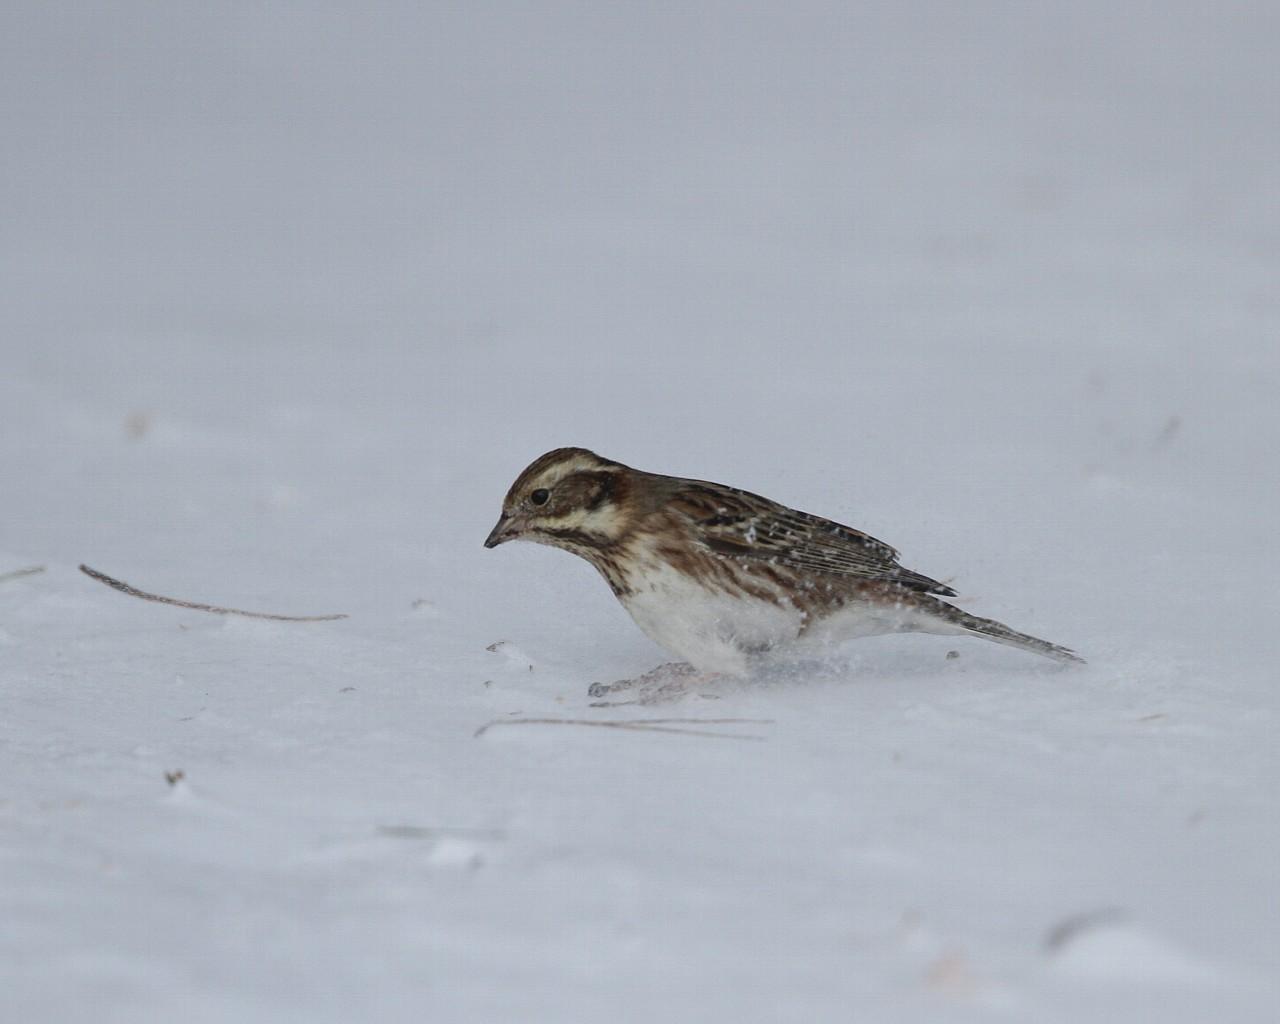 2014年1月雪と鳥シリーズその13: 雪上で餌を探すカシラダカ_f0105570_22425657.jpg